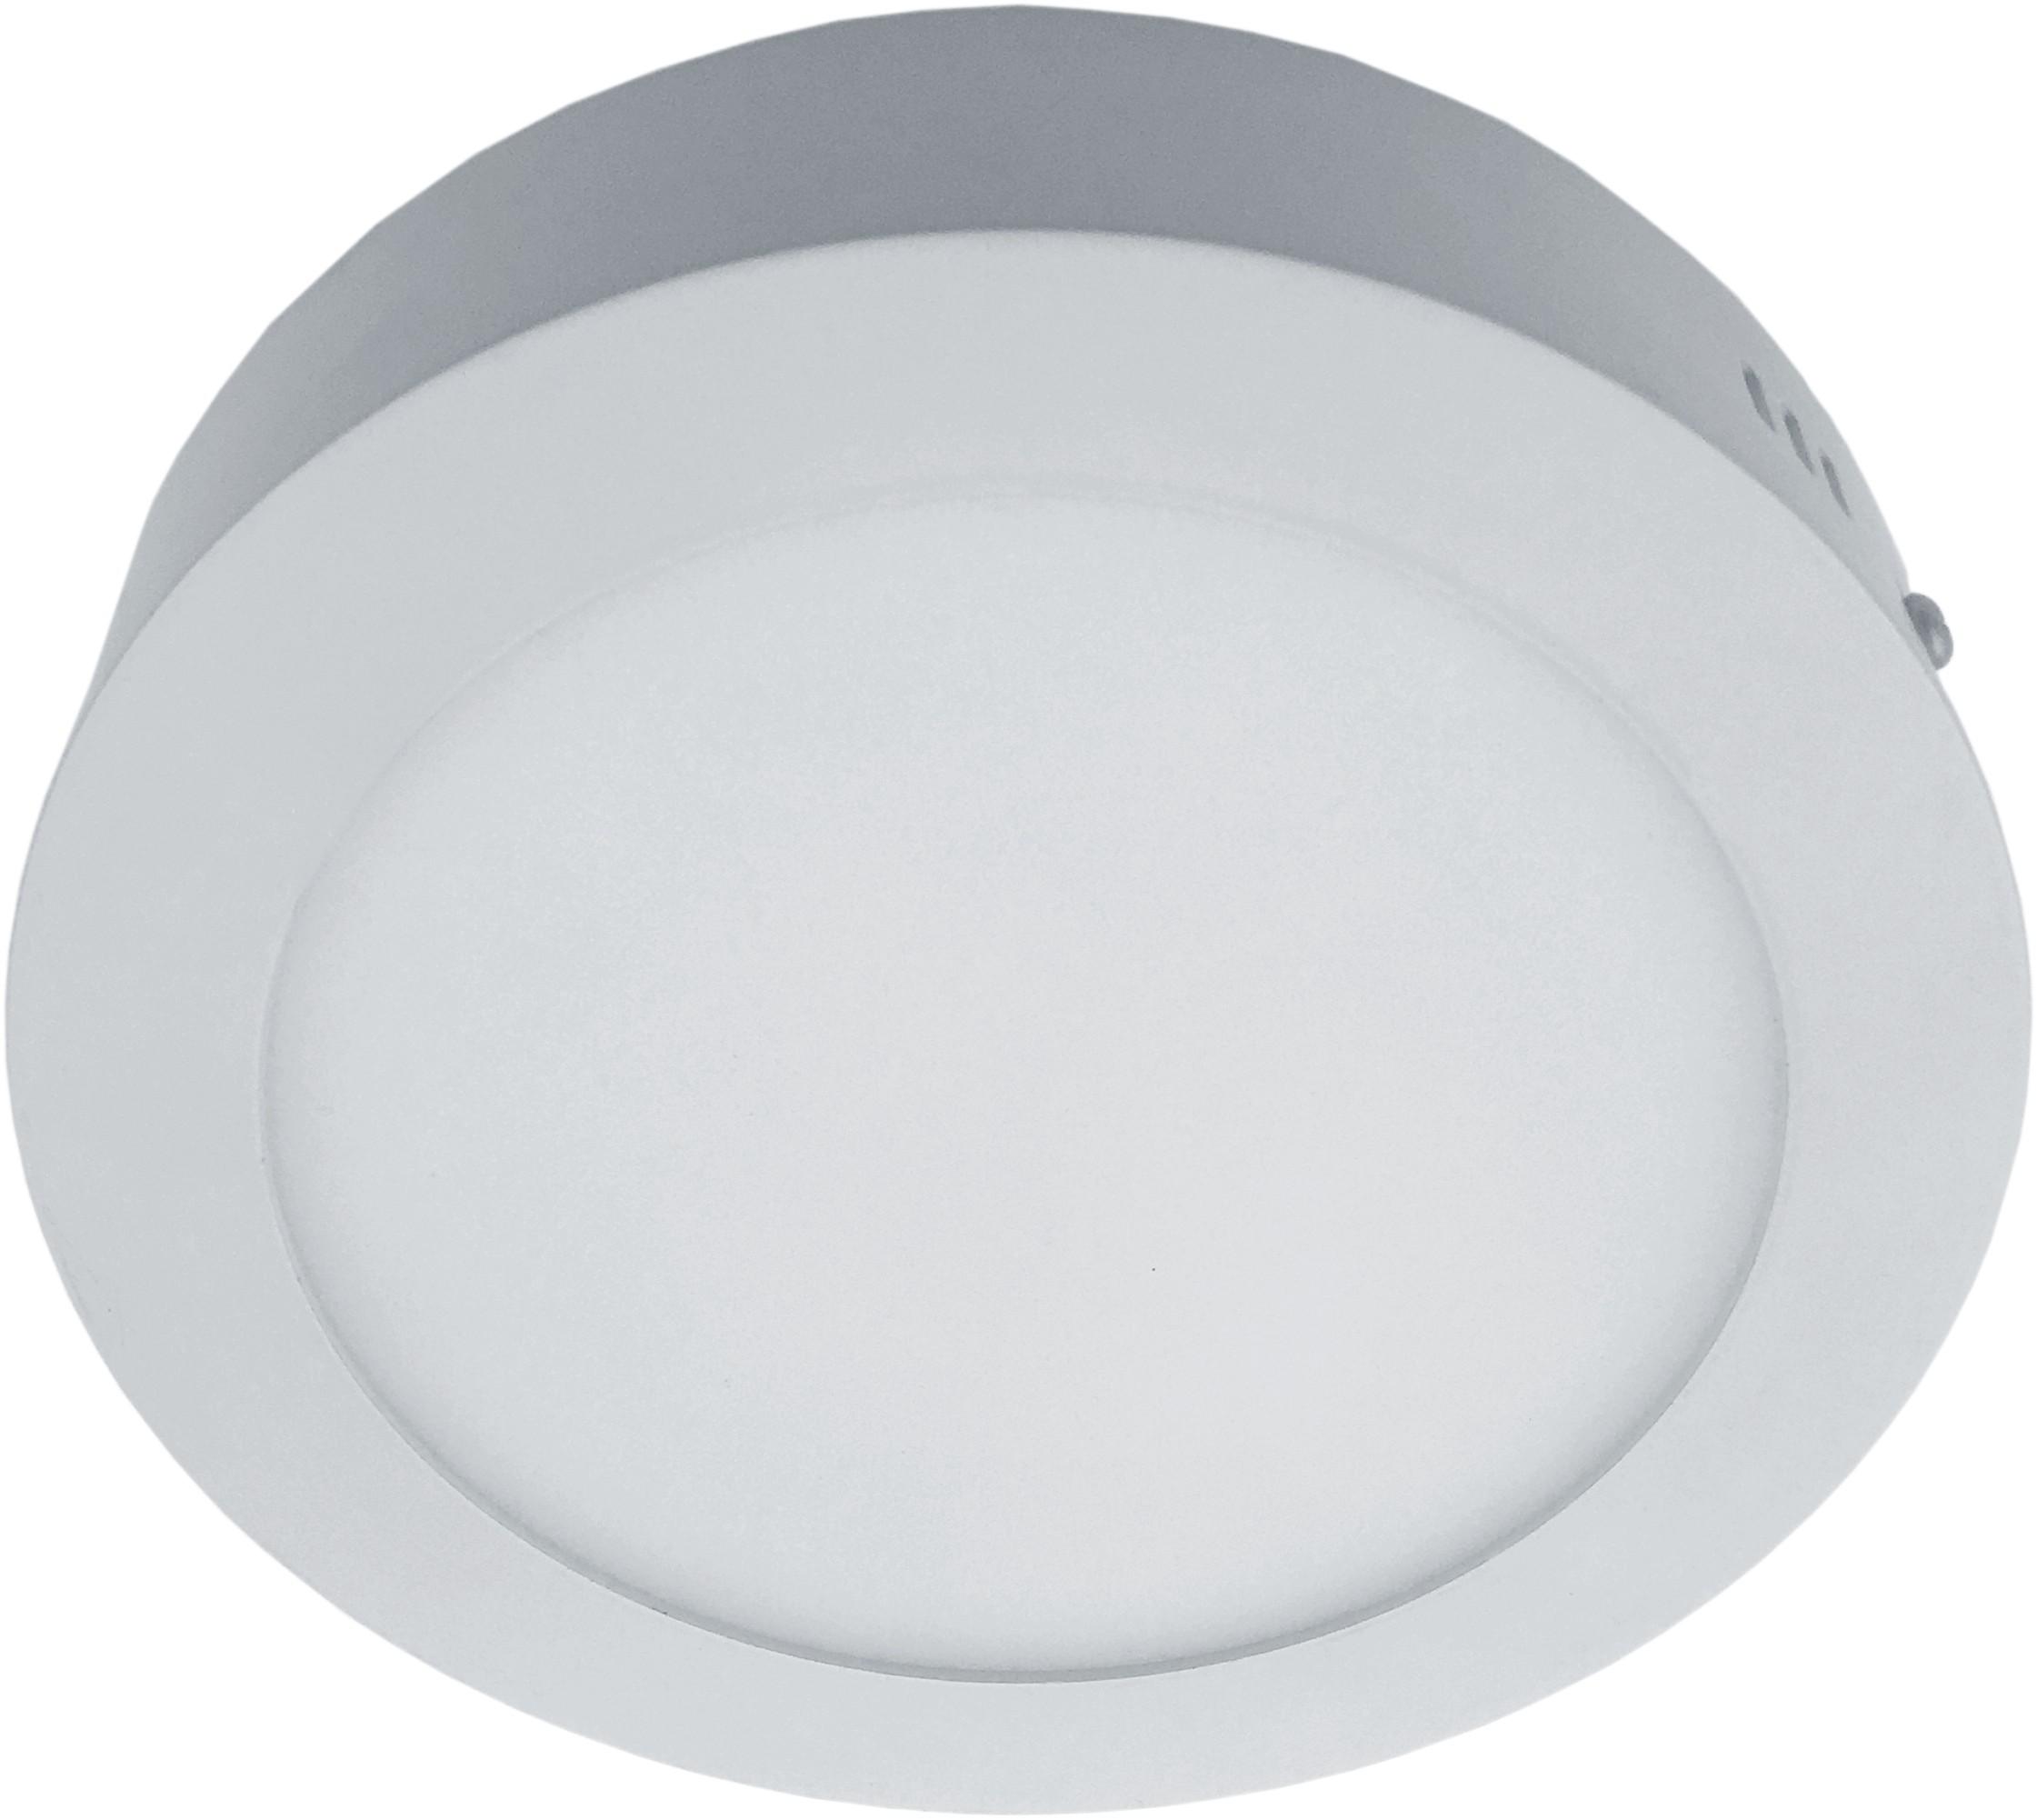 Светильник встраиваемый Arte lamp A3008pl-1wh встраиваемый светильник arte lamp cielo a7314pl 1wh